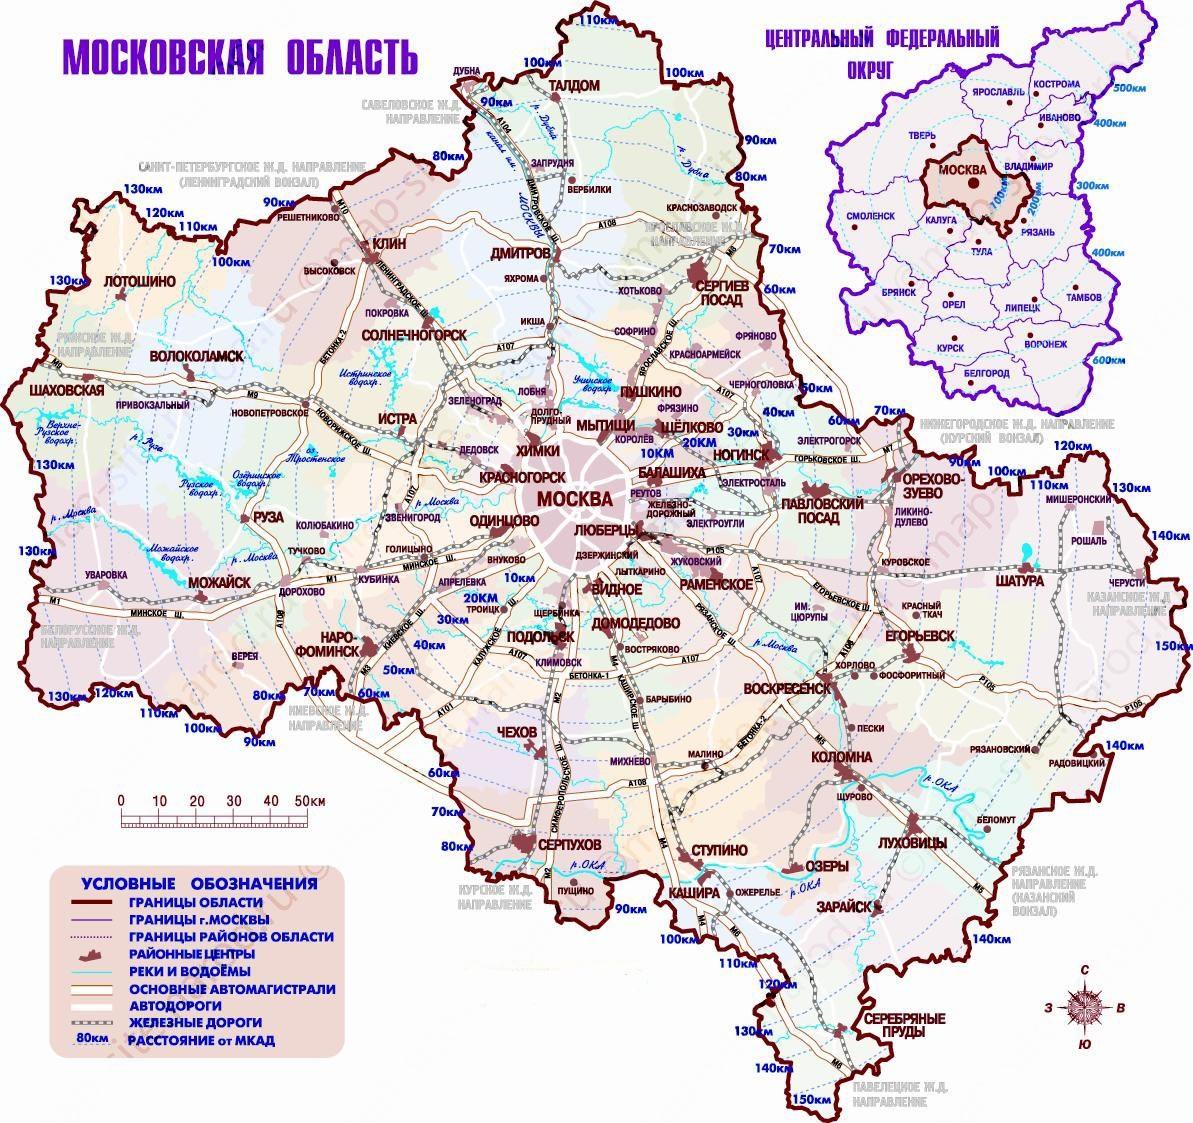 Схема москвы с округами и районами